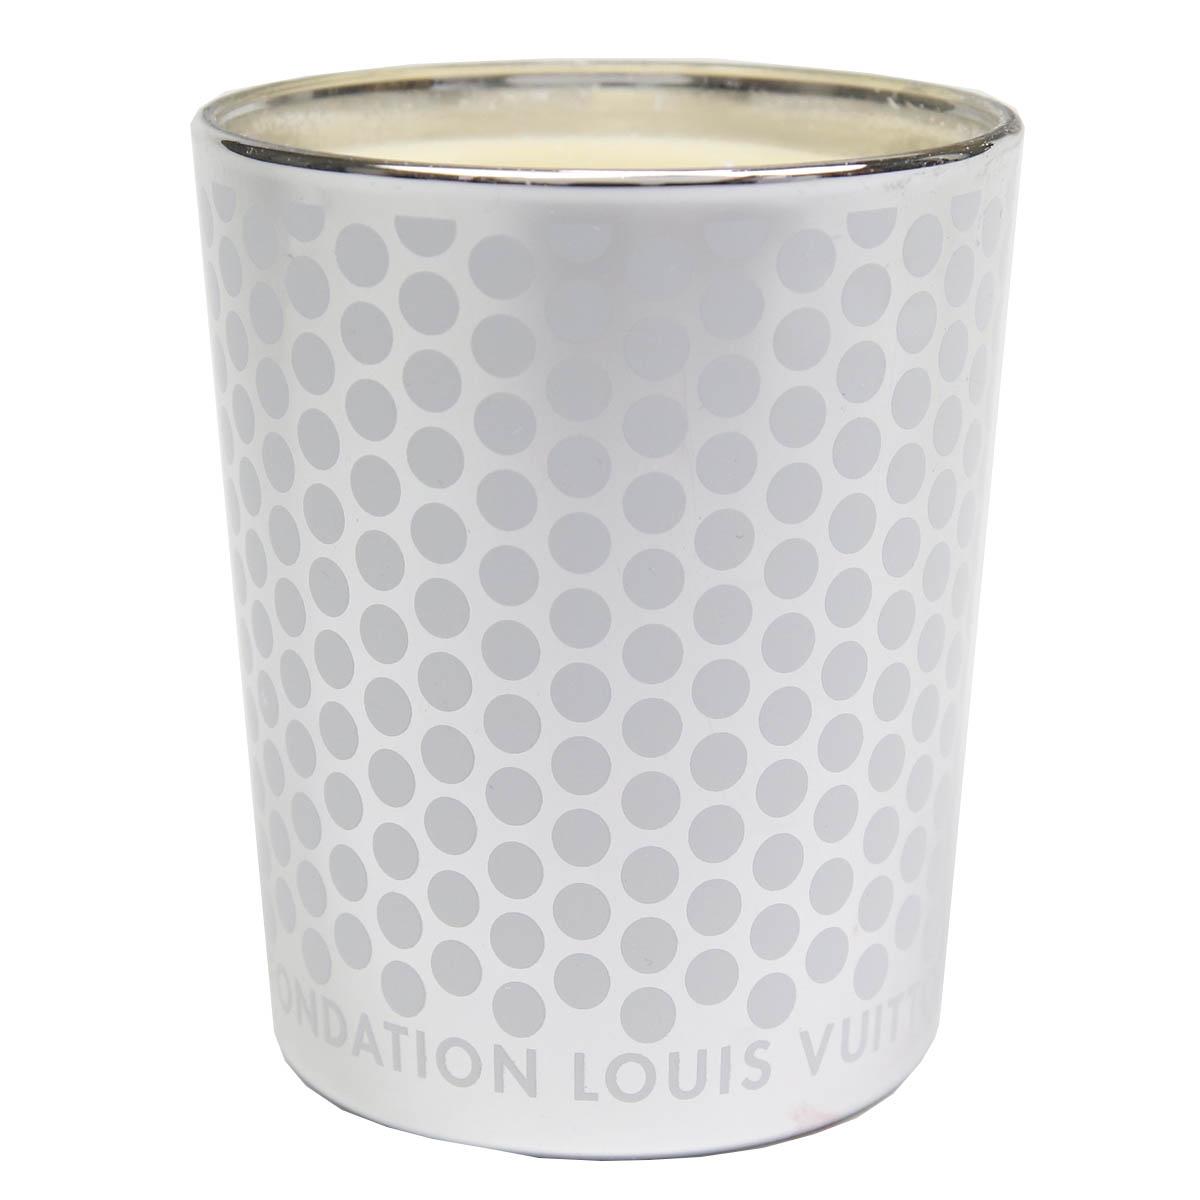 フォンダシオン ルイヴィトン Fondation Louis Vuitton 美術館 アロマ キャンドル scented Candle